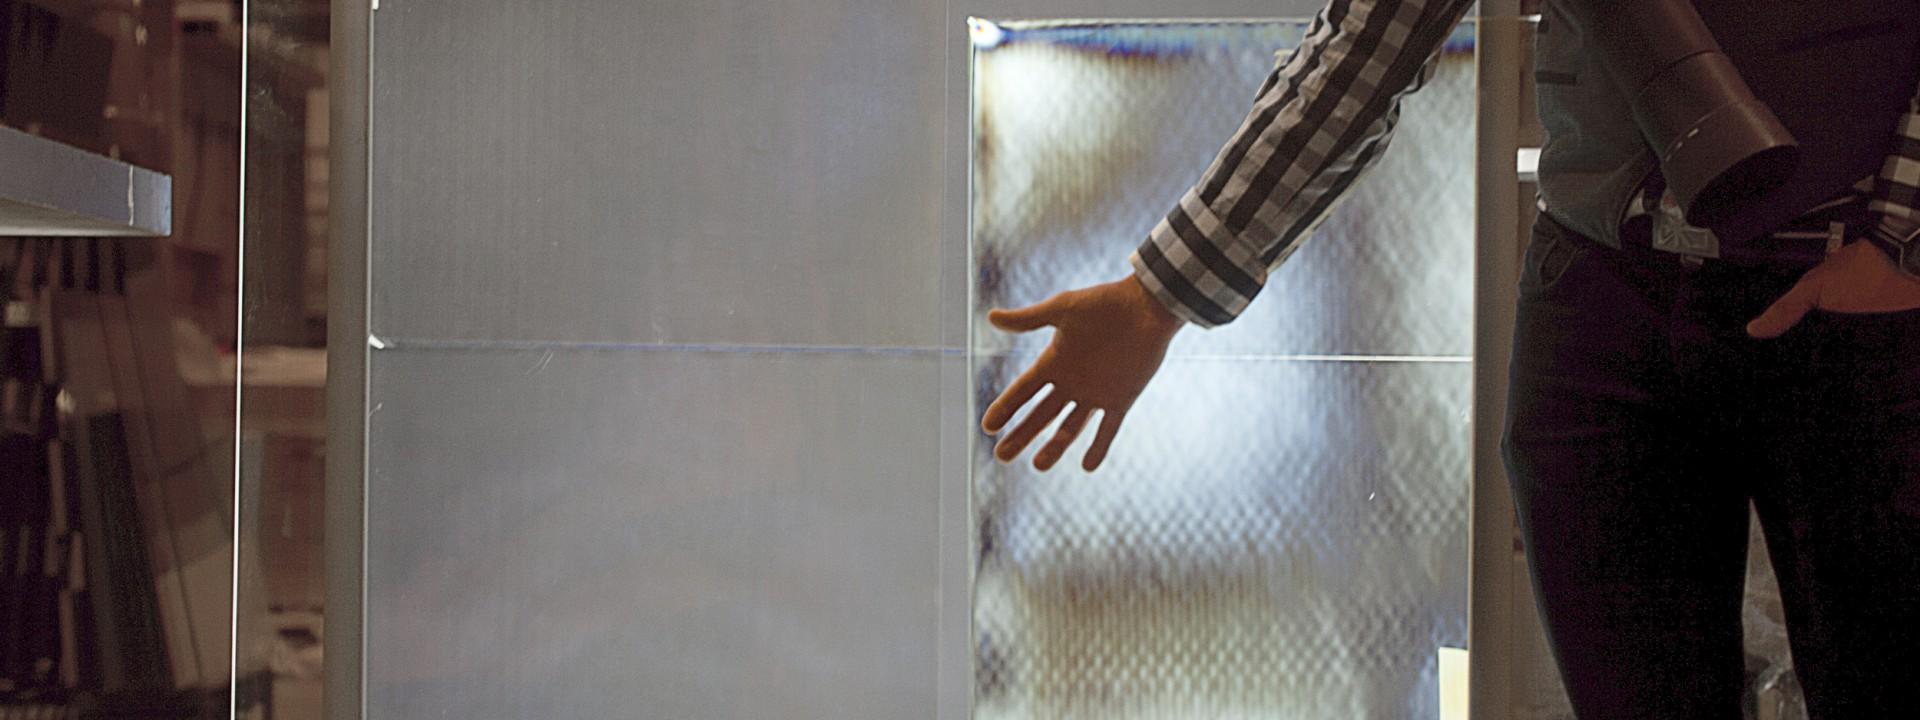 Glastory - Strain patterns